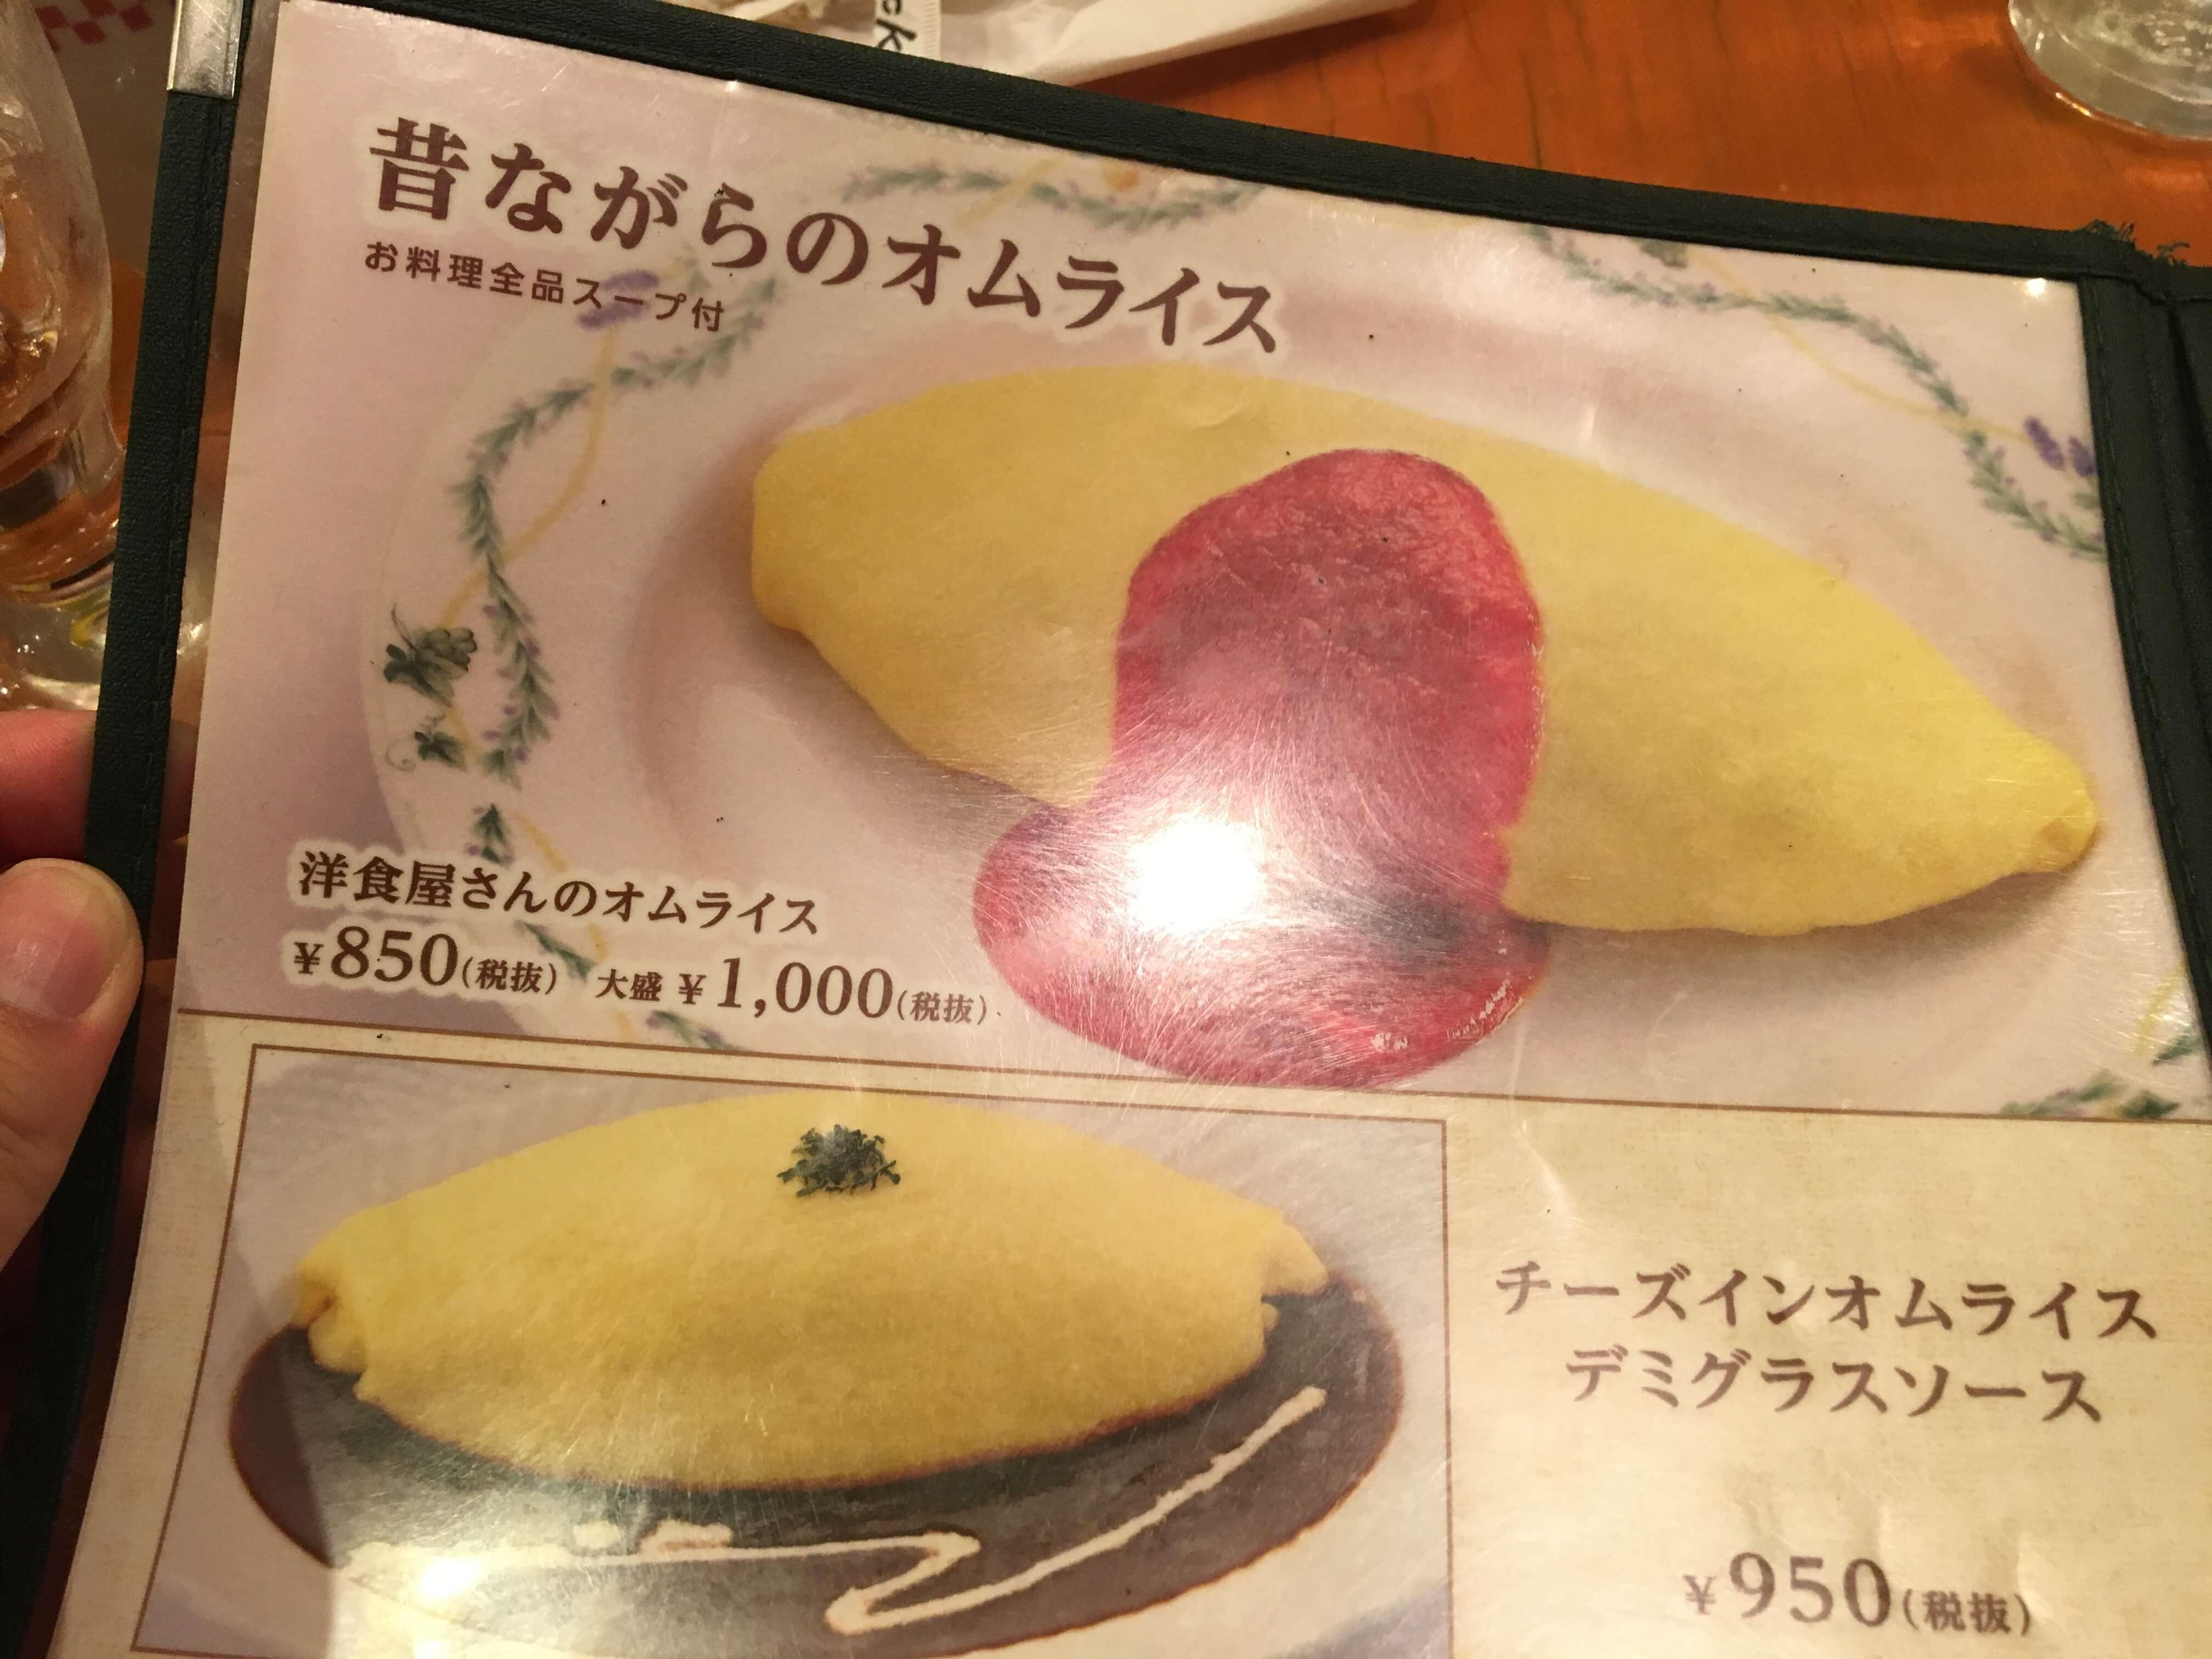 卵と私 札幌アピア店のメニュー(洋食屋さんのオムライス)